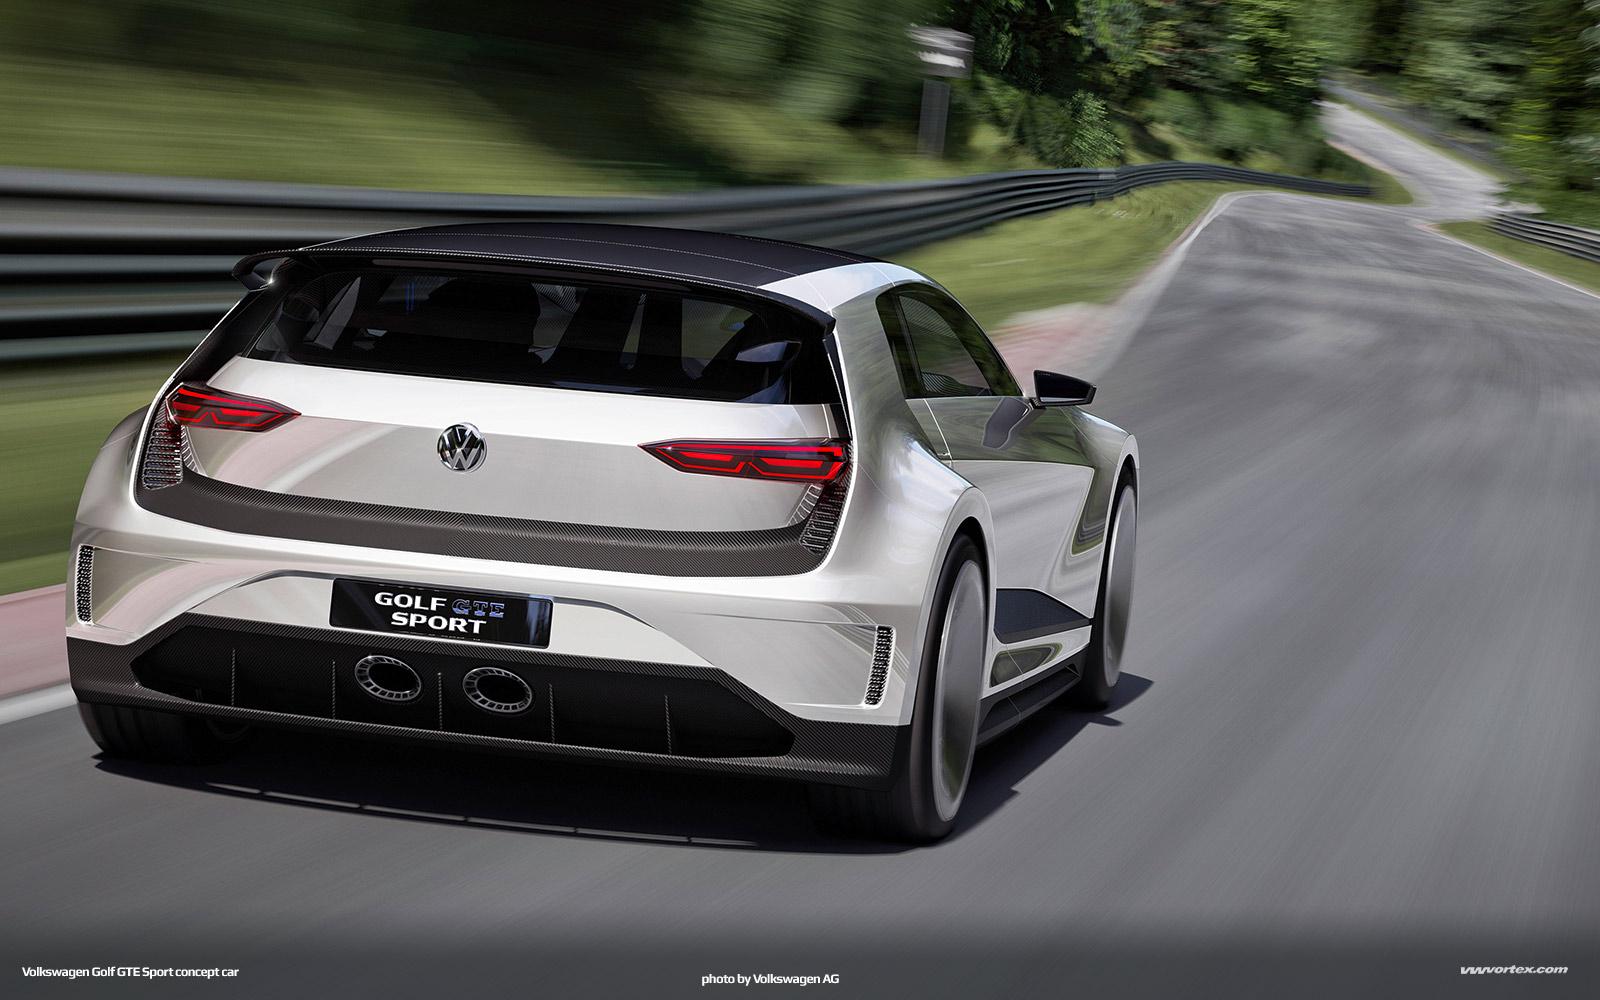 Volkswagen-Golf-GTE-Sport-concept-919